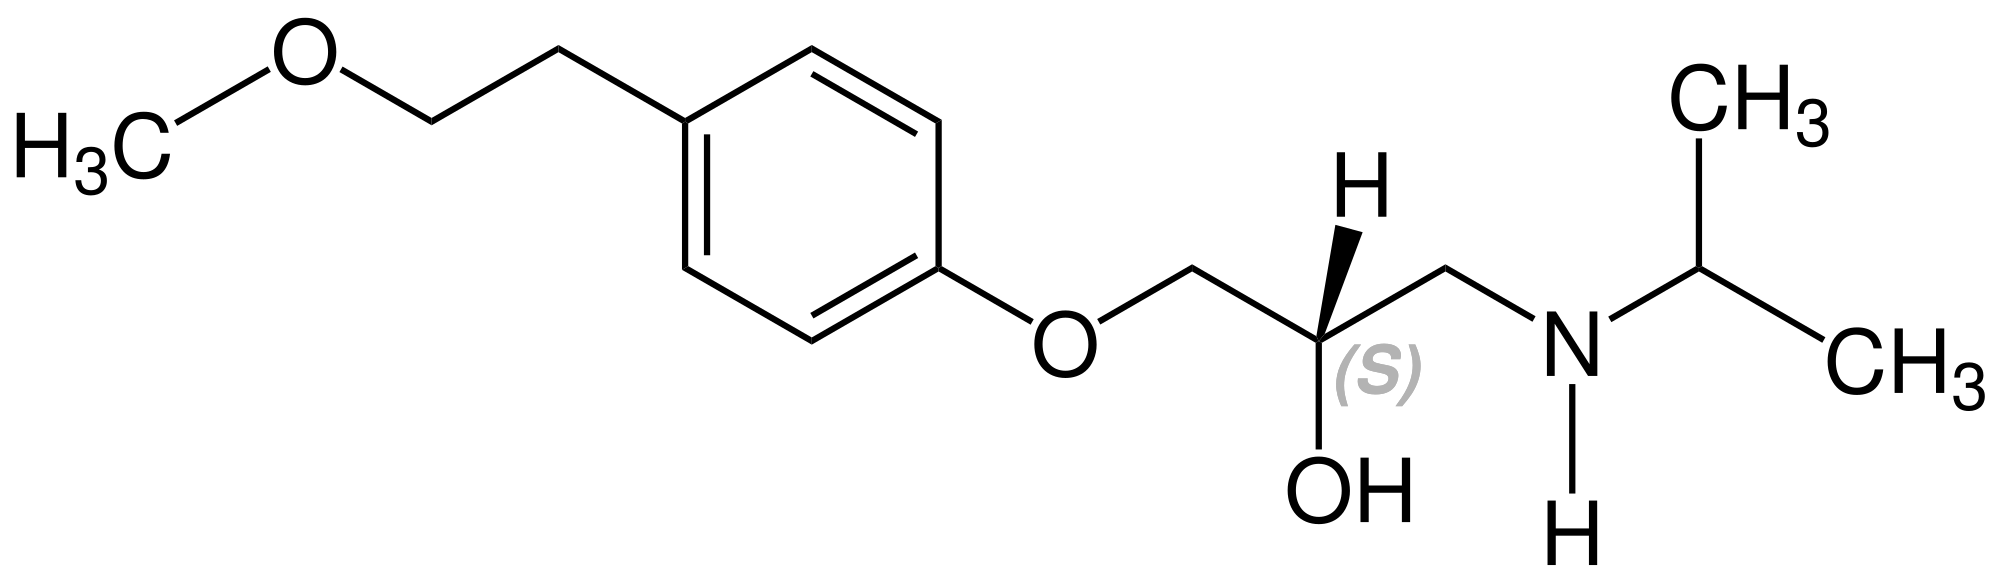 METOPROLOL Z HEXAL mg retard tabletta - Gyógyszerkereső - Hászatmarbereg.hu